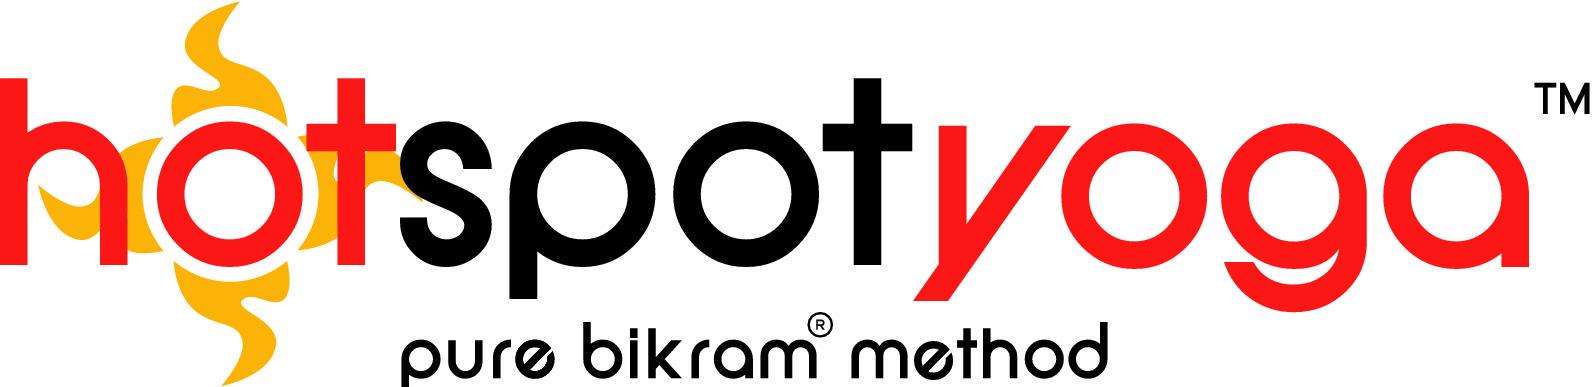 hotspot_logo_final (1) (2) (1) (1).jpg